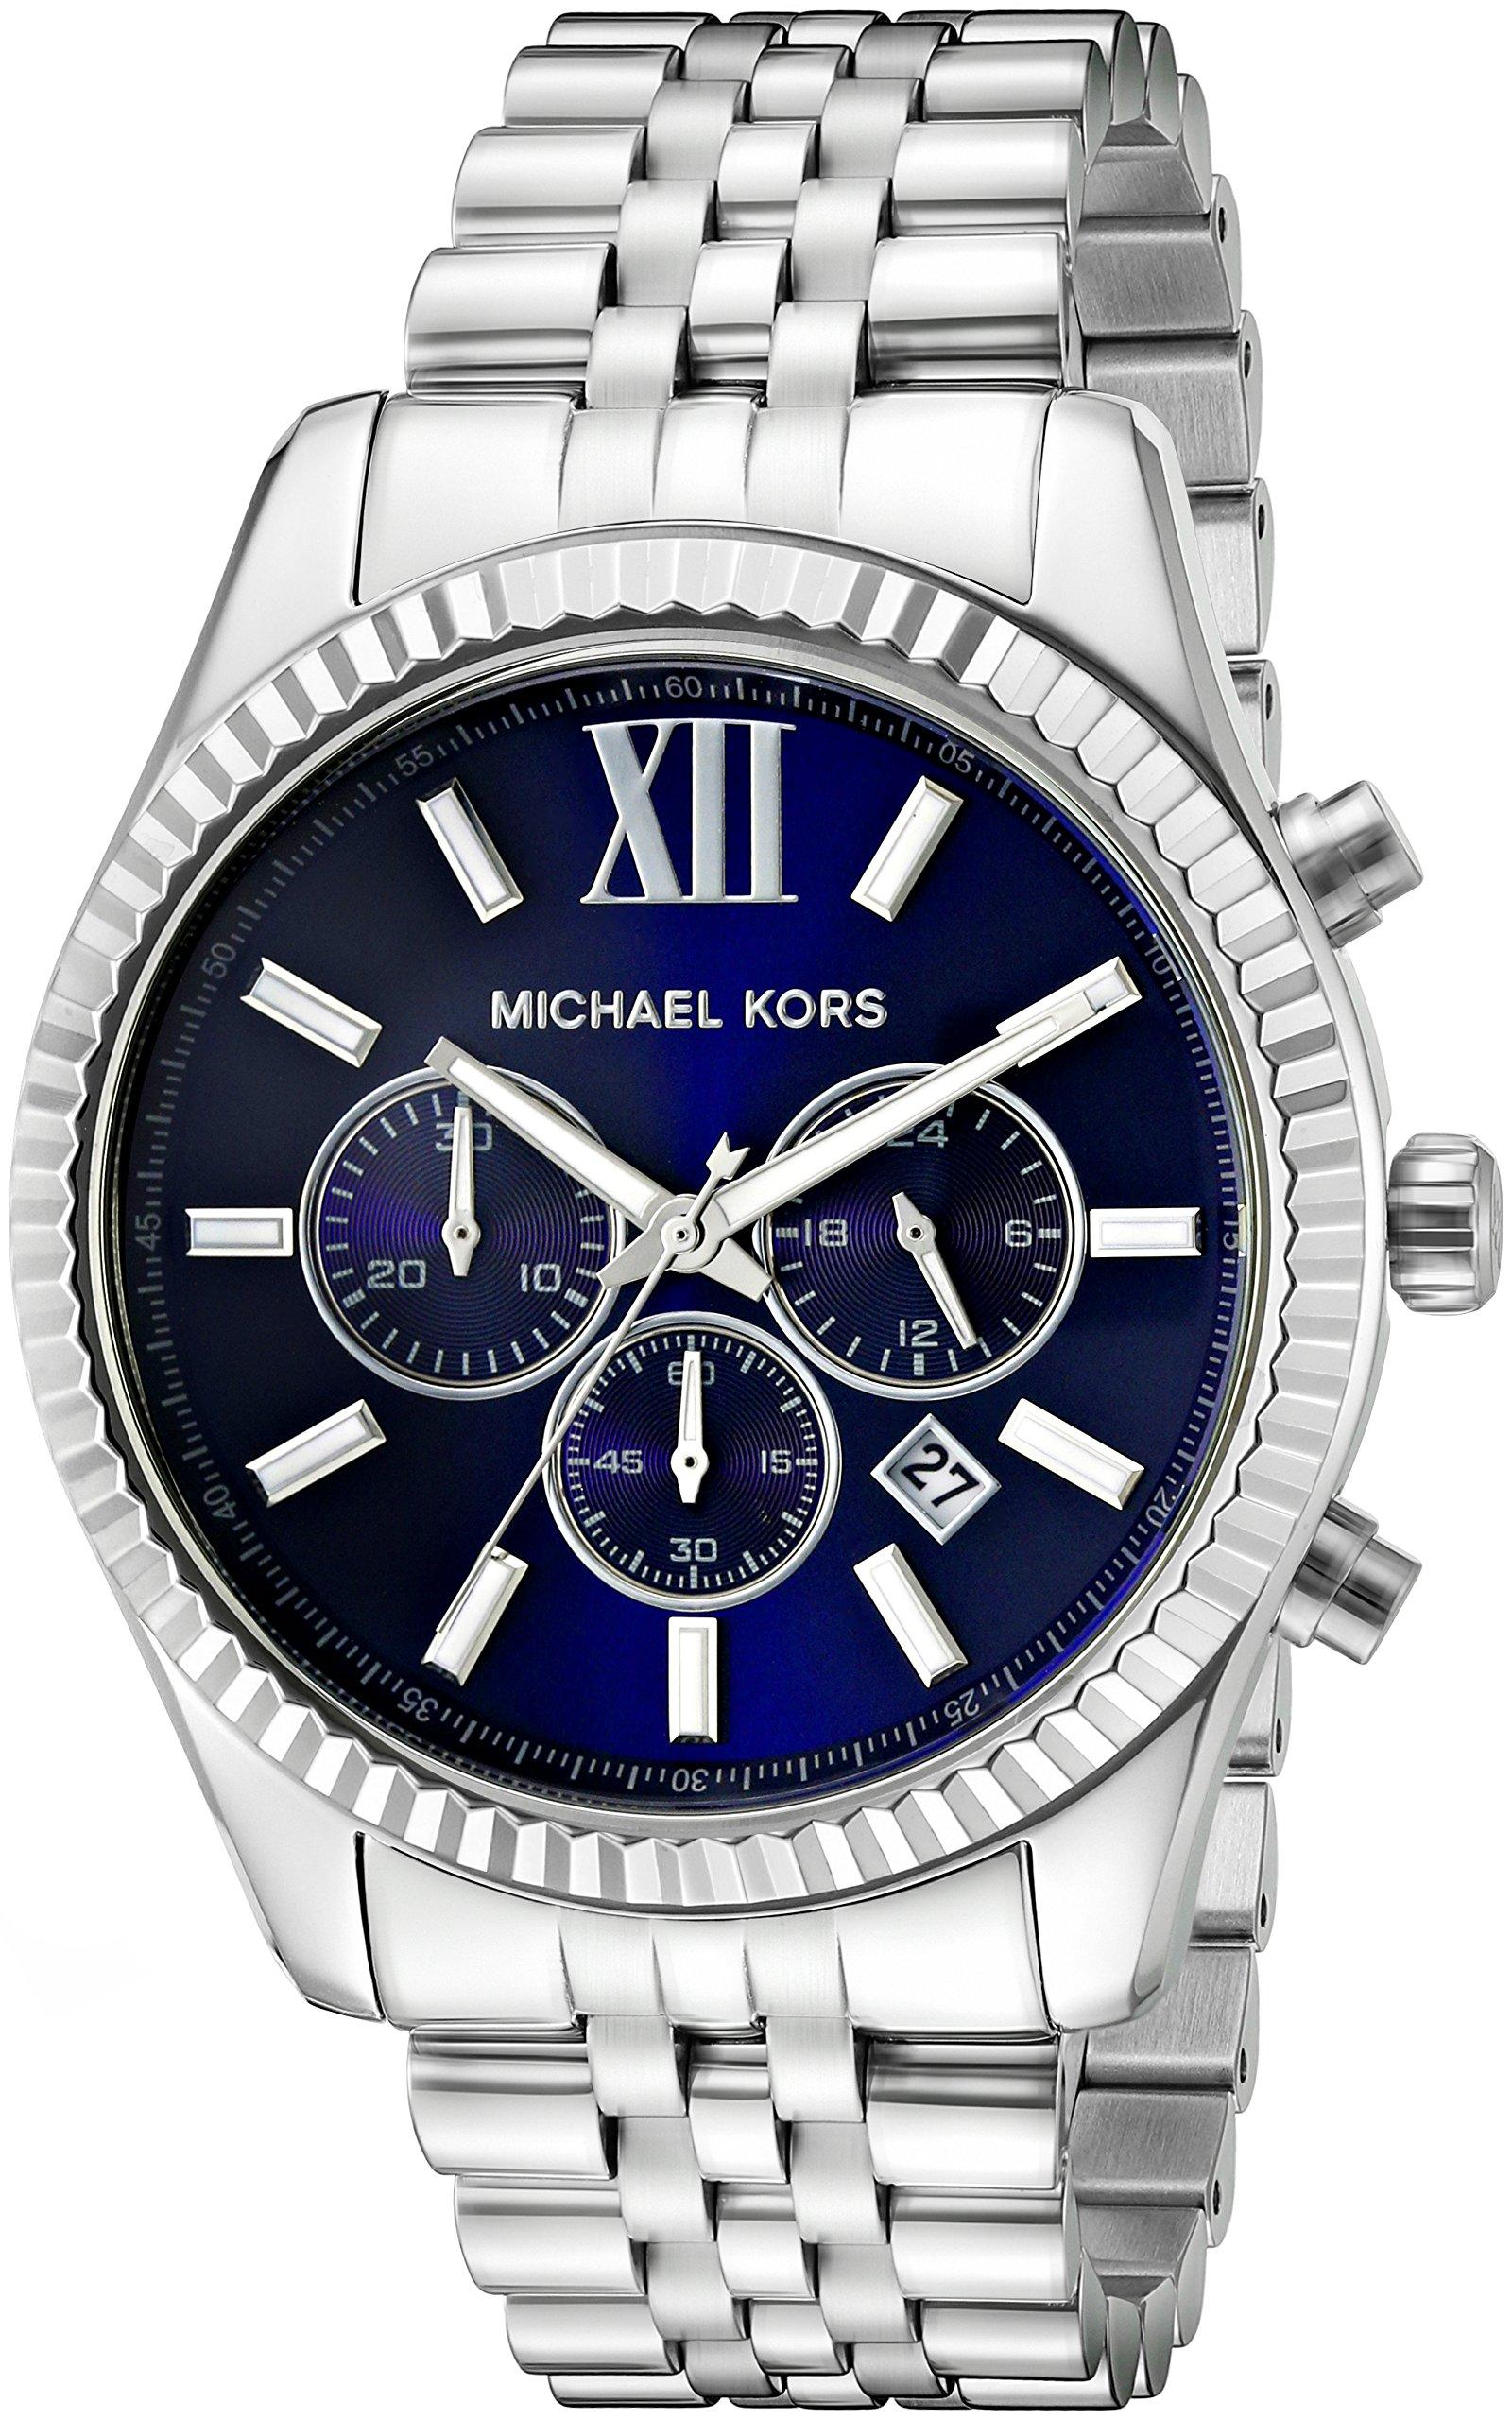 Michael Kors MK8280 – Reloj con correa de piel para hombre